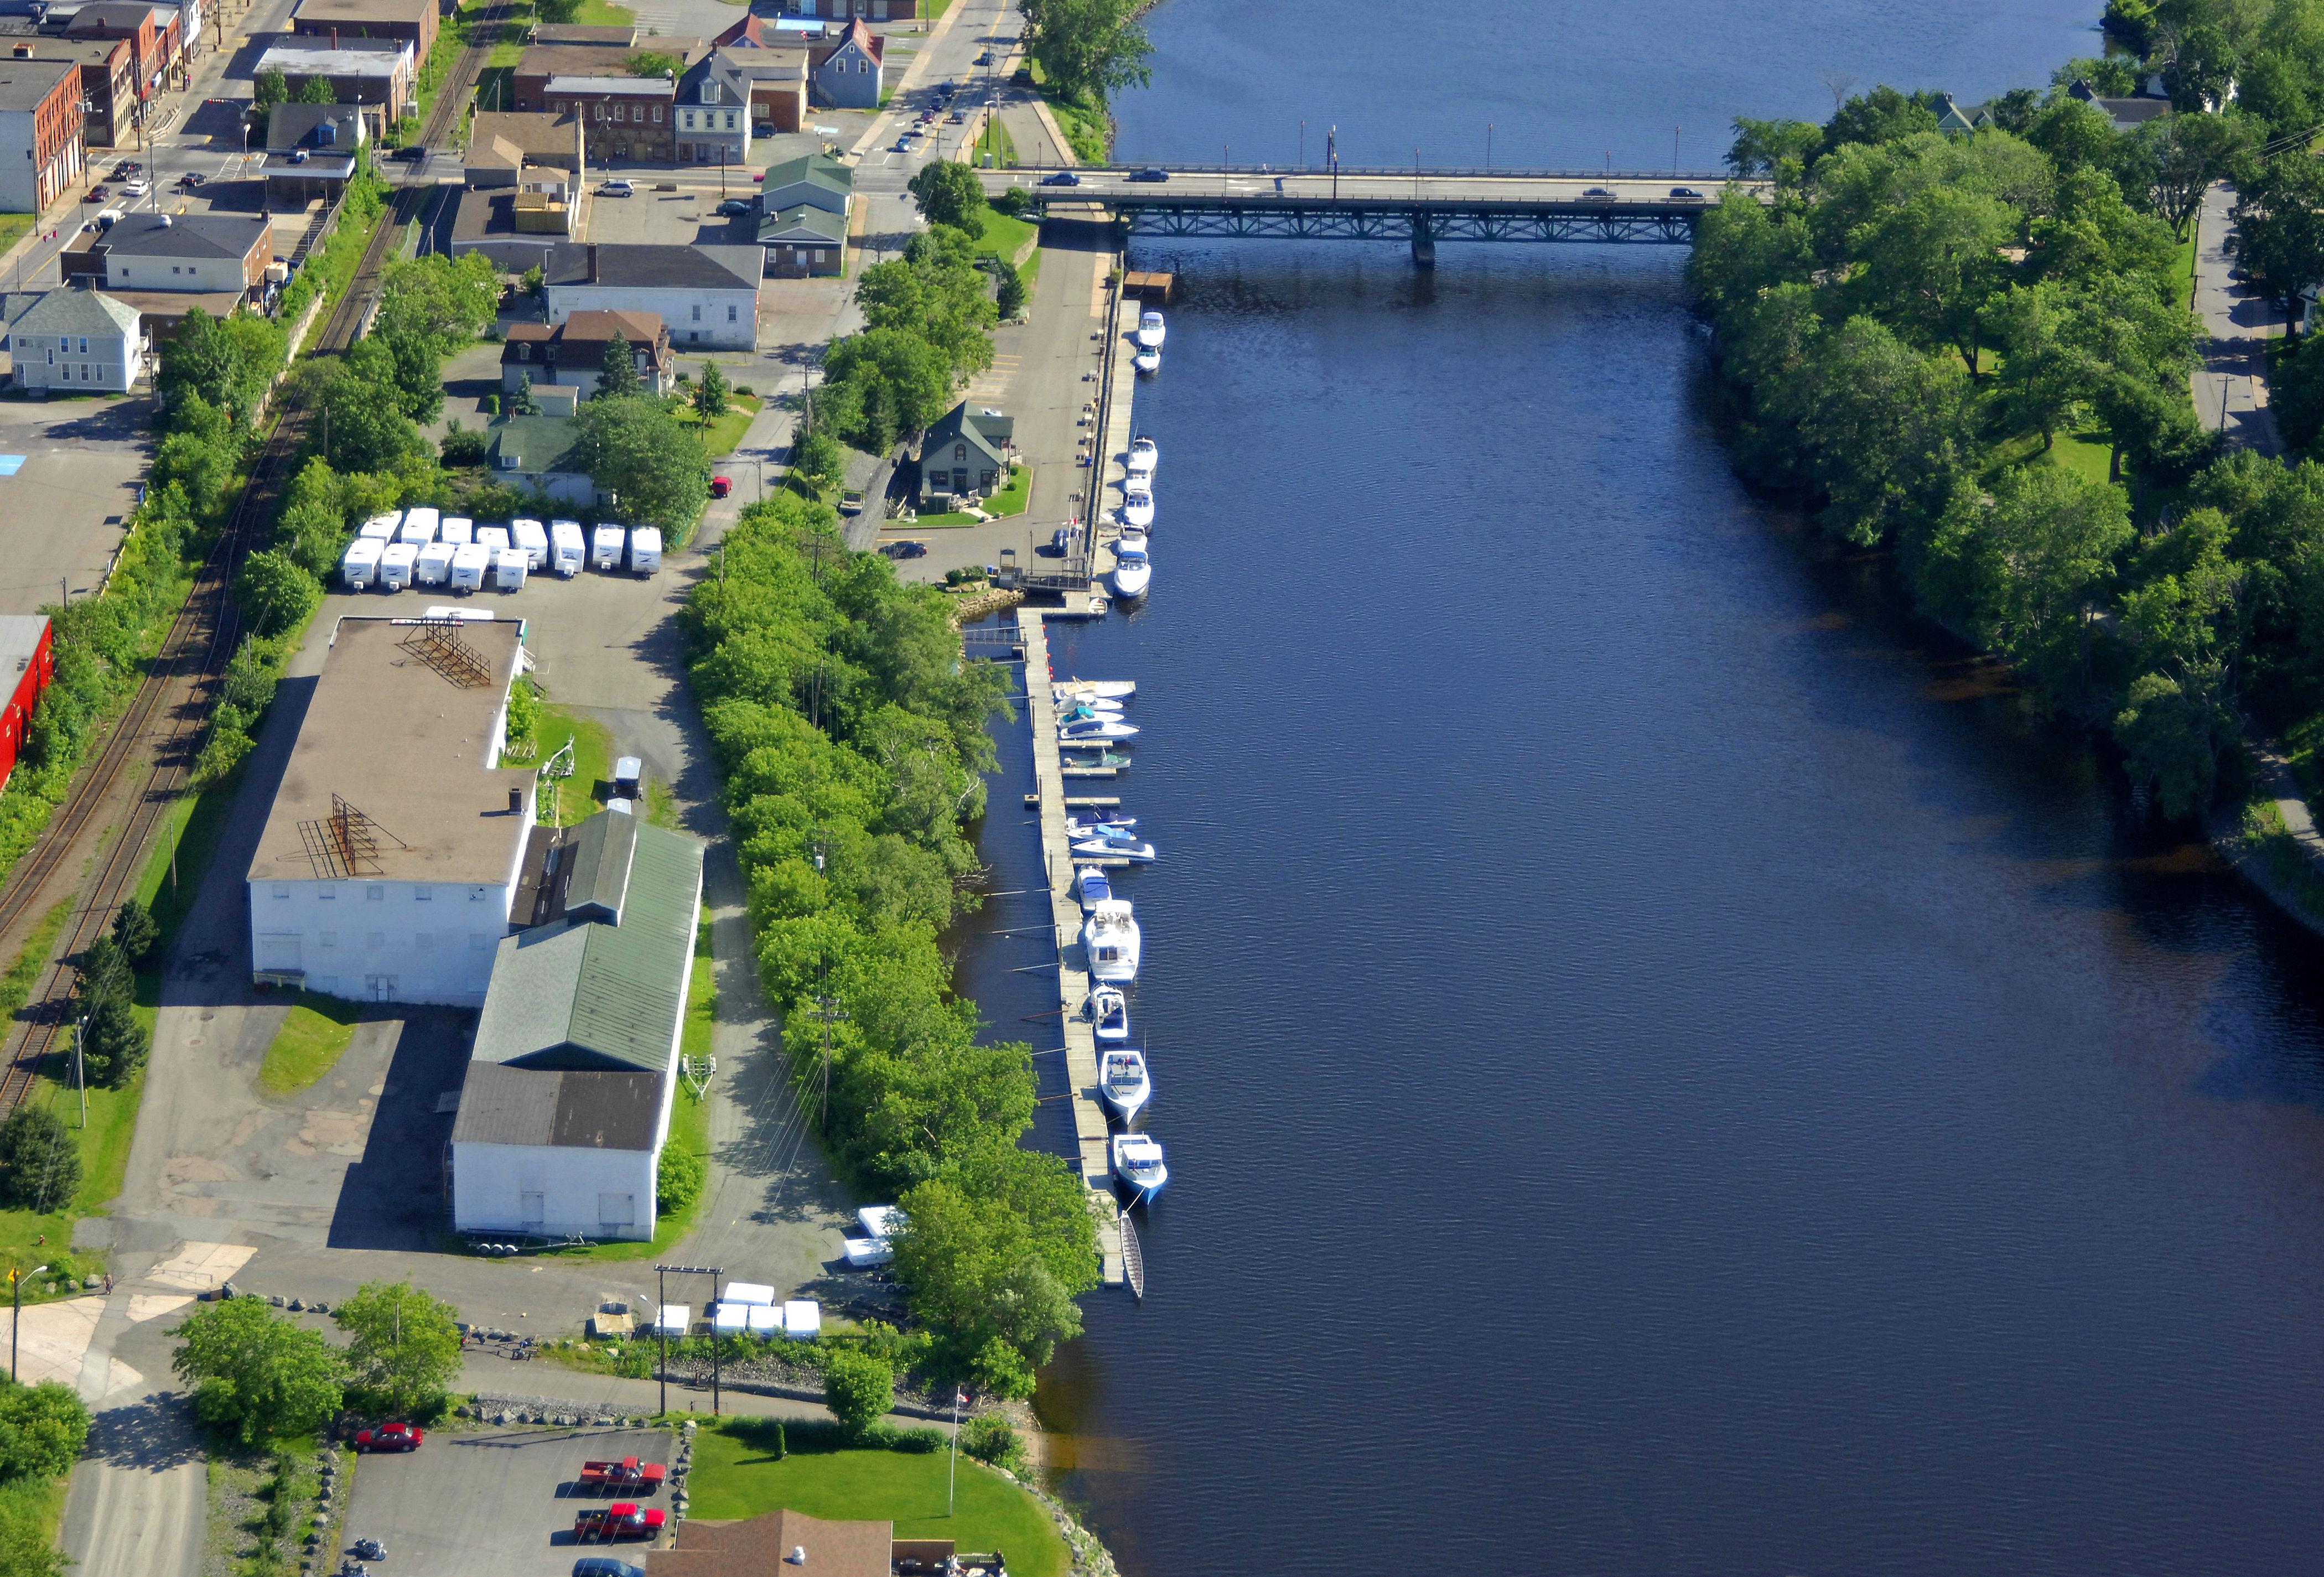 new glasgow riverfront marina in new glasgow  ns  canada